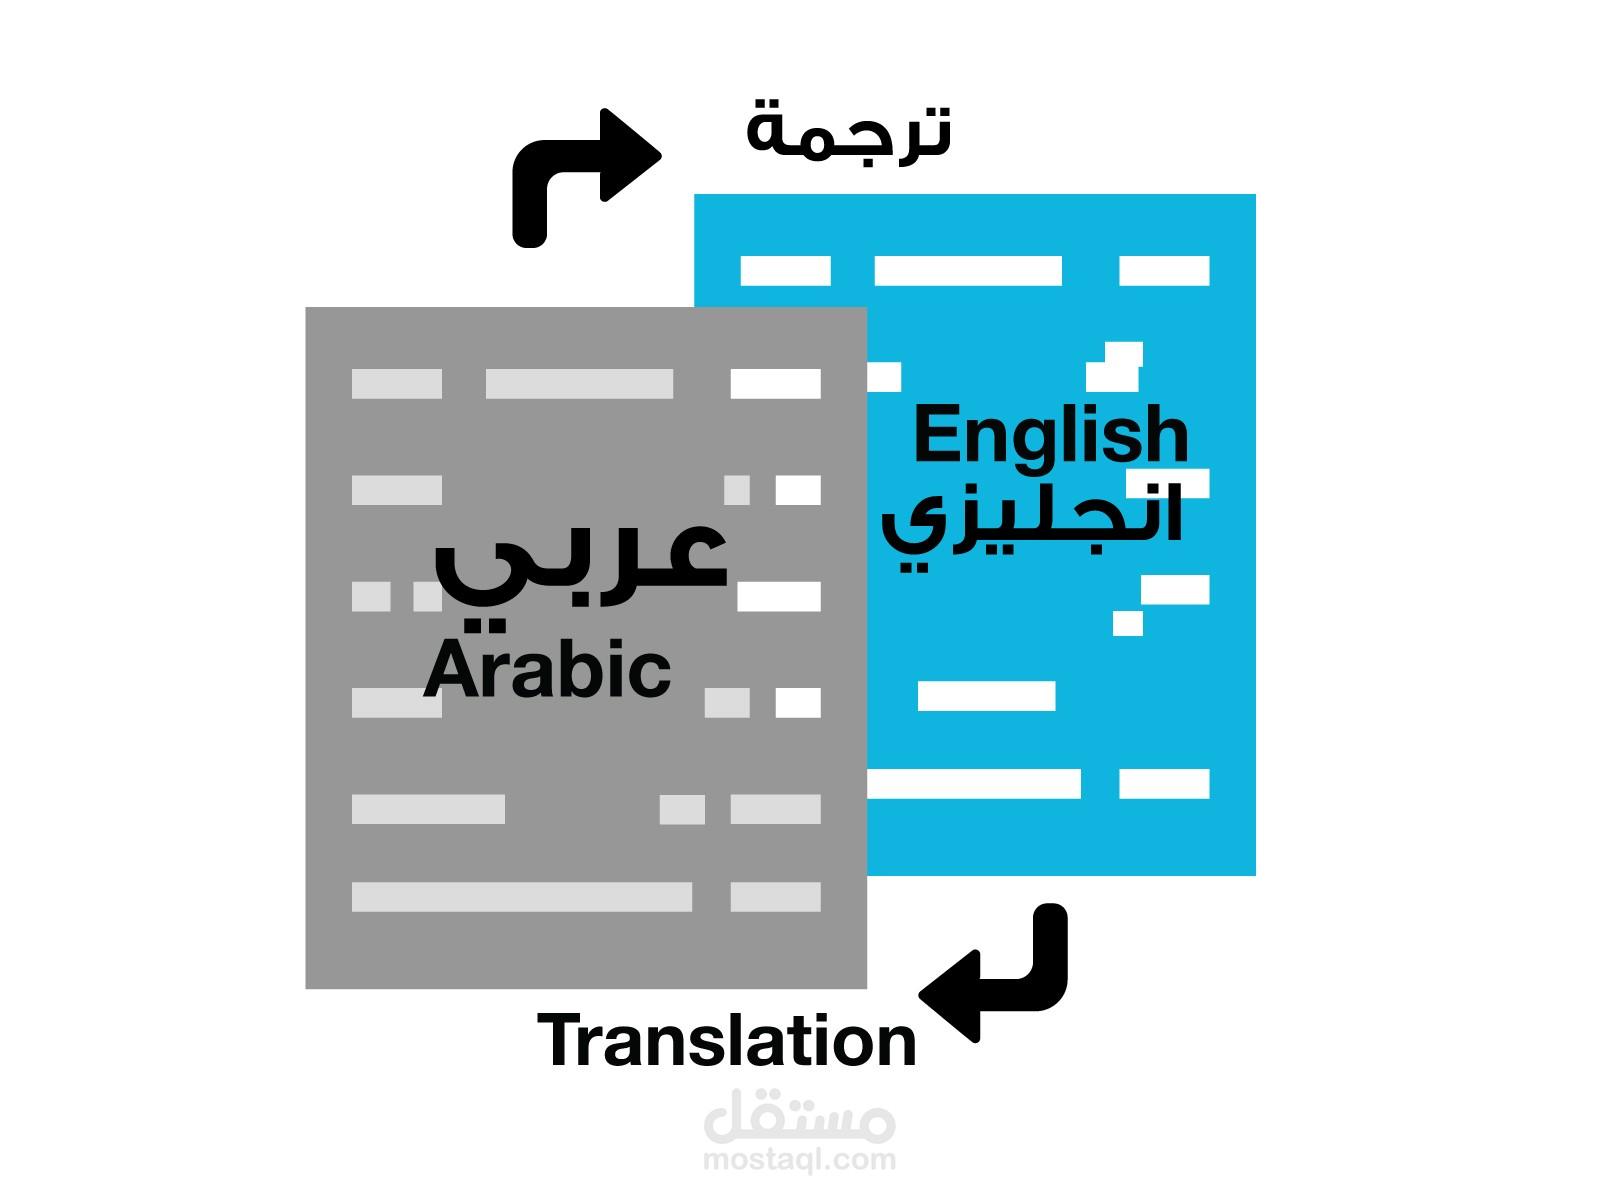 ترجمة ملف من اللغة الانجليزية الى العربية